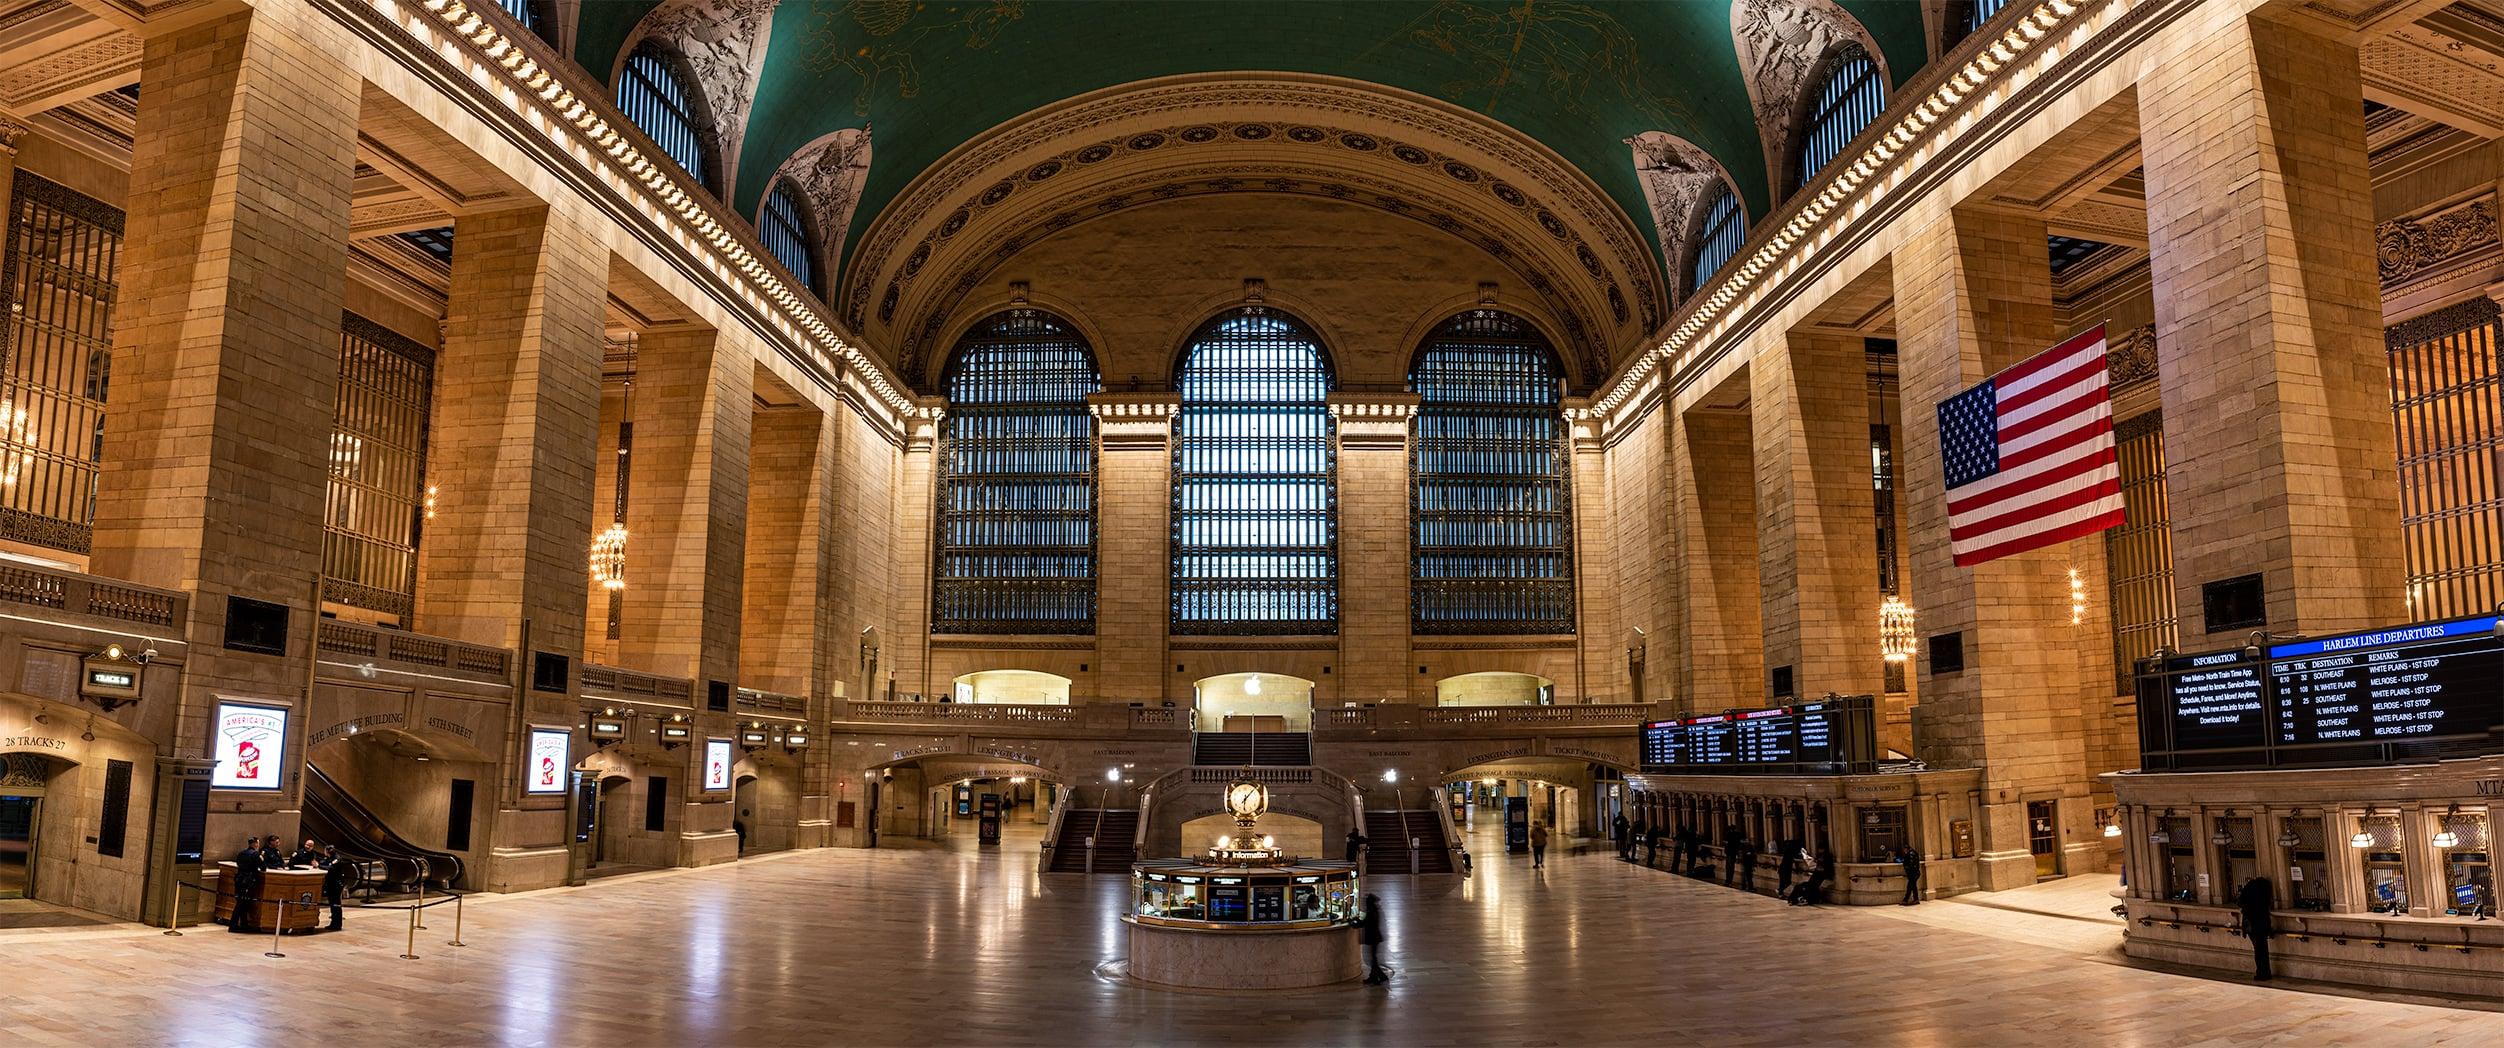 Grand central empty